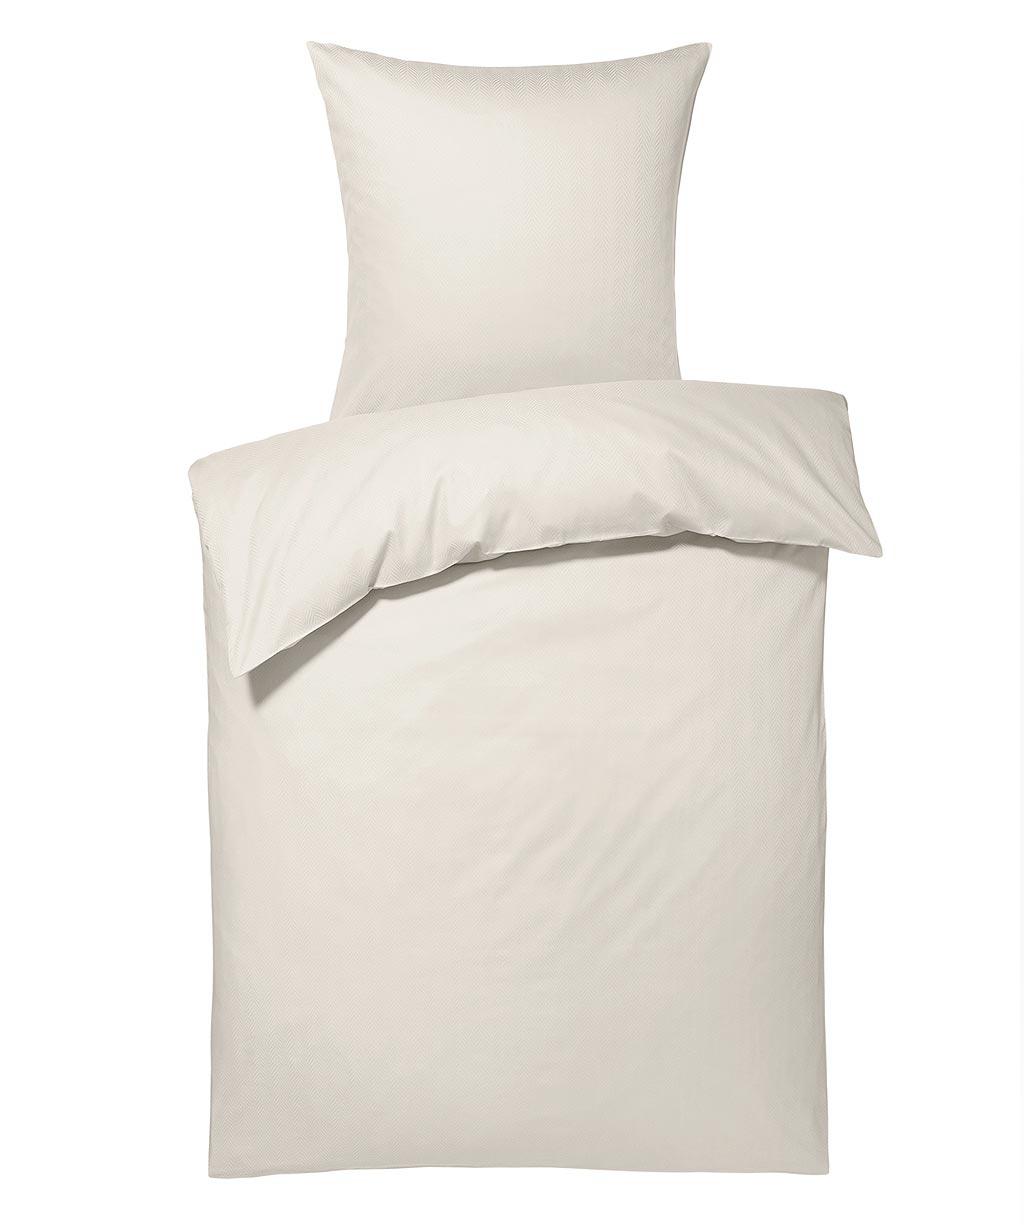 Elegante weiße Damastbettwäsche mit feinem Fischgrät-Muster